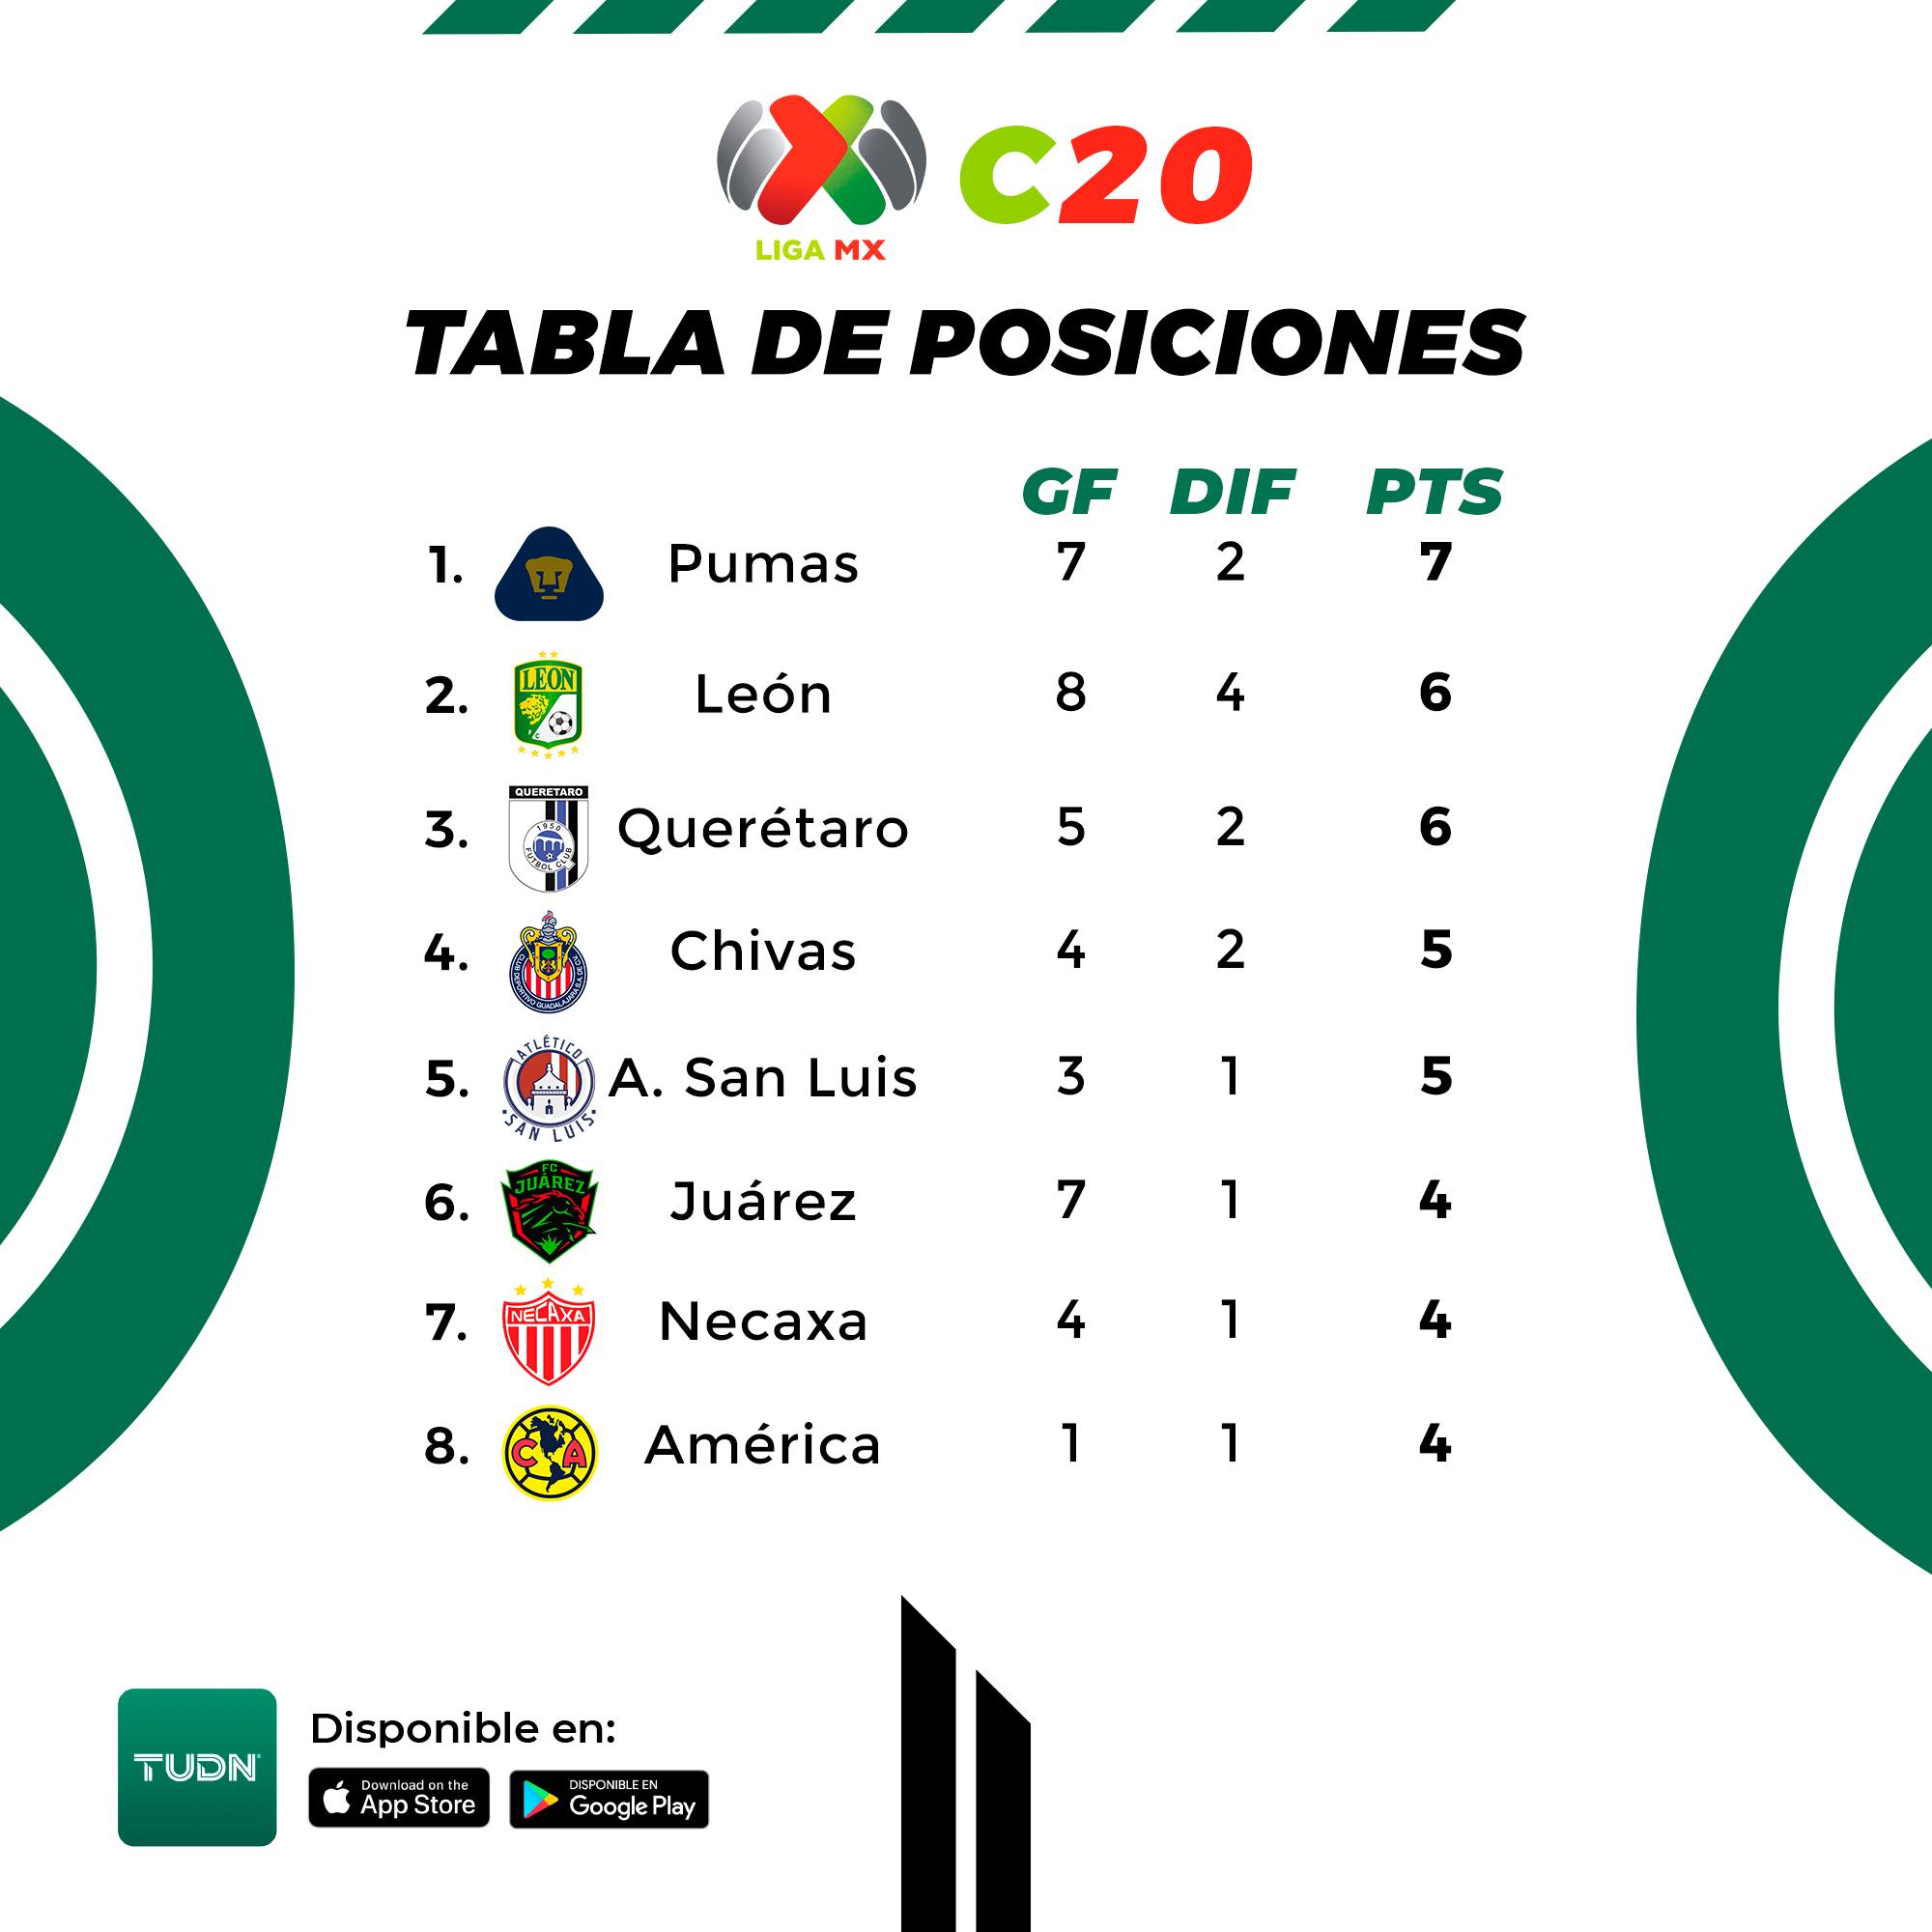 posiciones en la liga mx